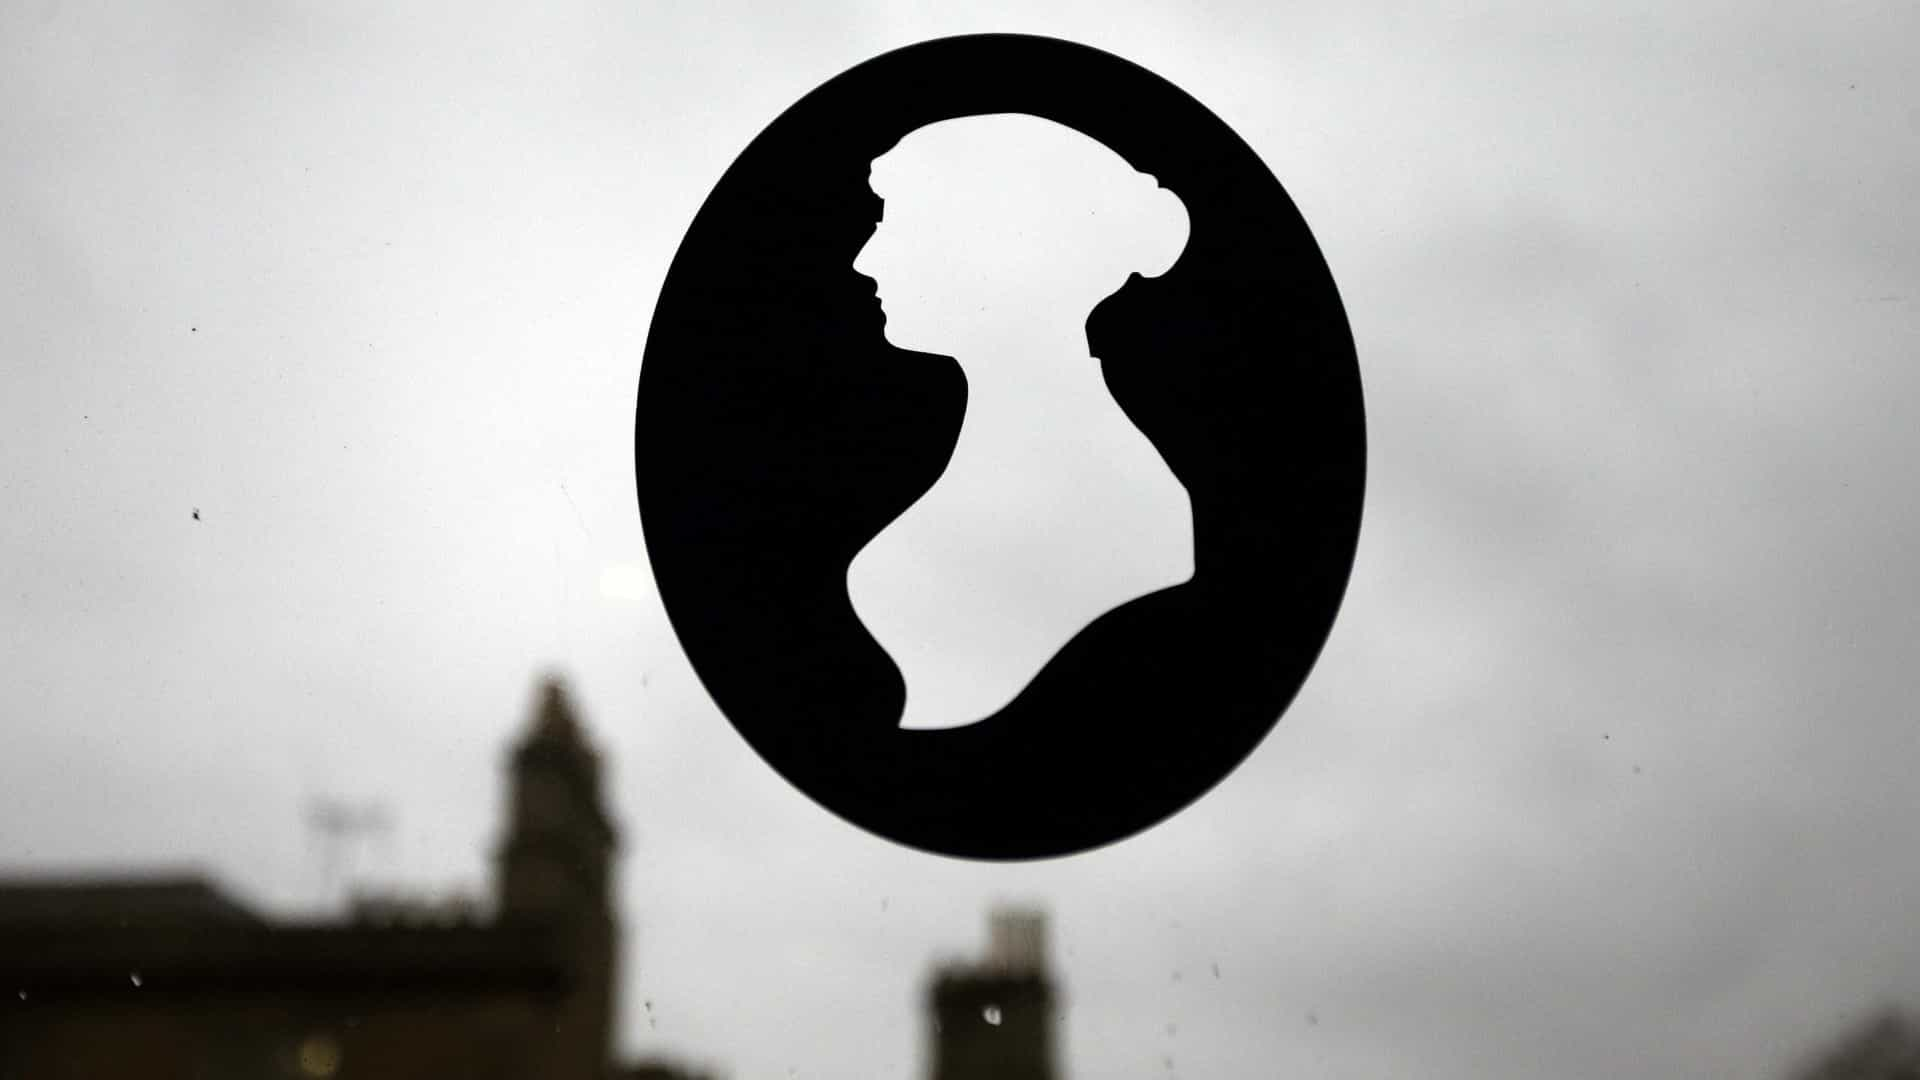 BBC mostra fenómeno Jane Austen no bicentenário da morte da autora